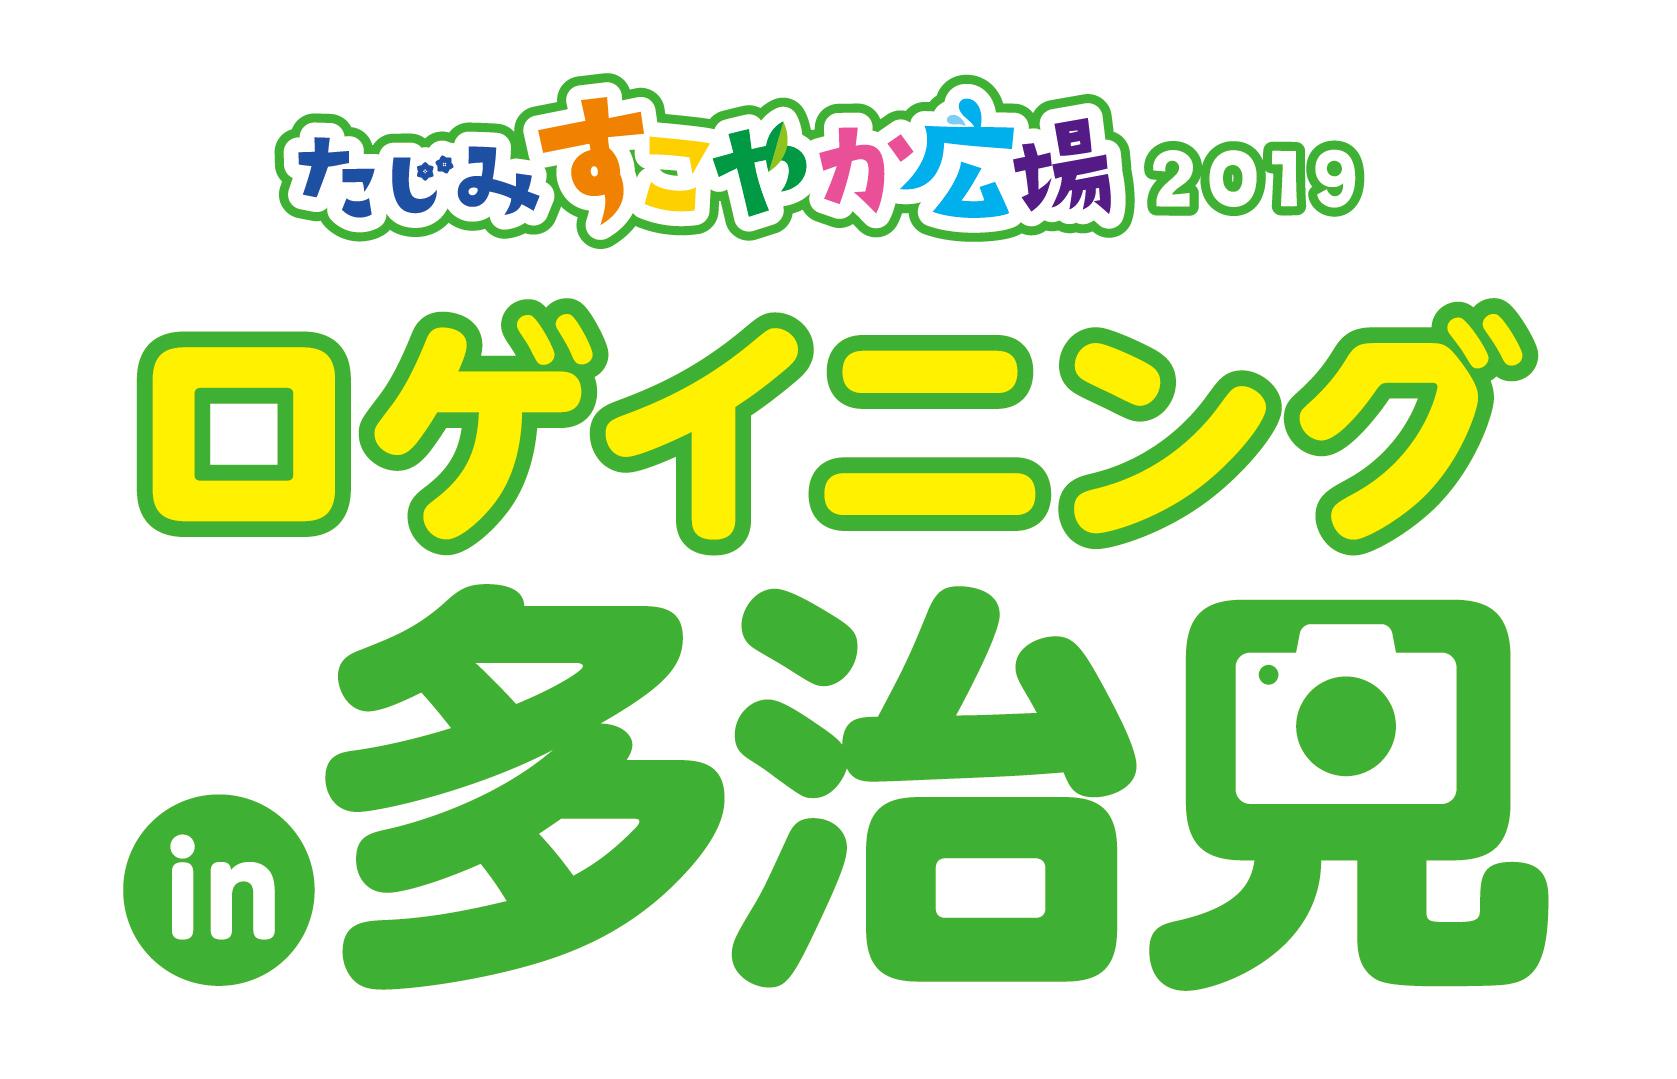 たじみ すこやか広場2020 ロゲイニングin多治見